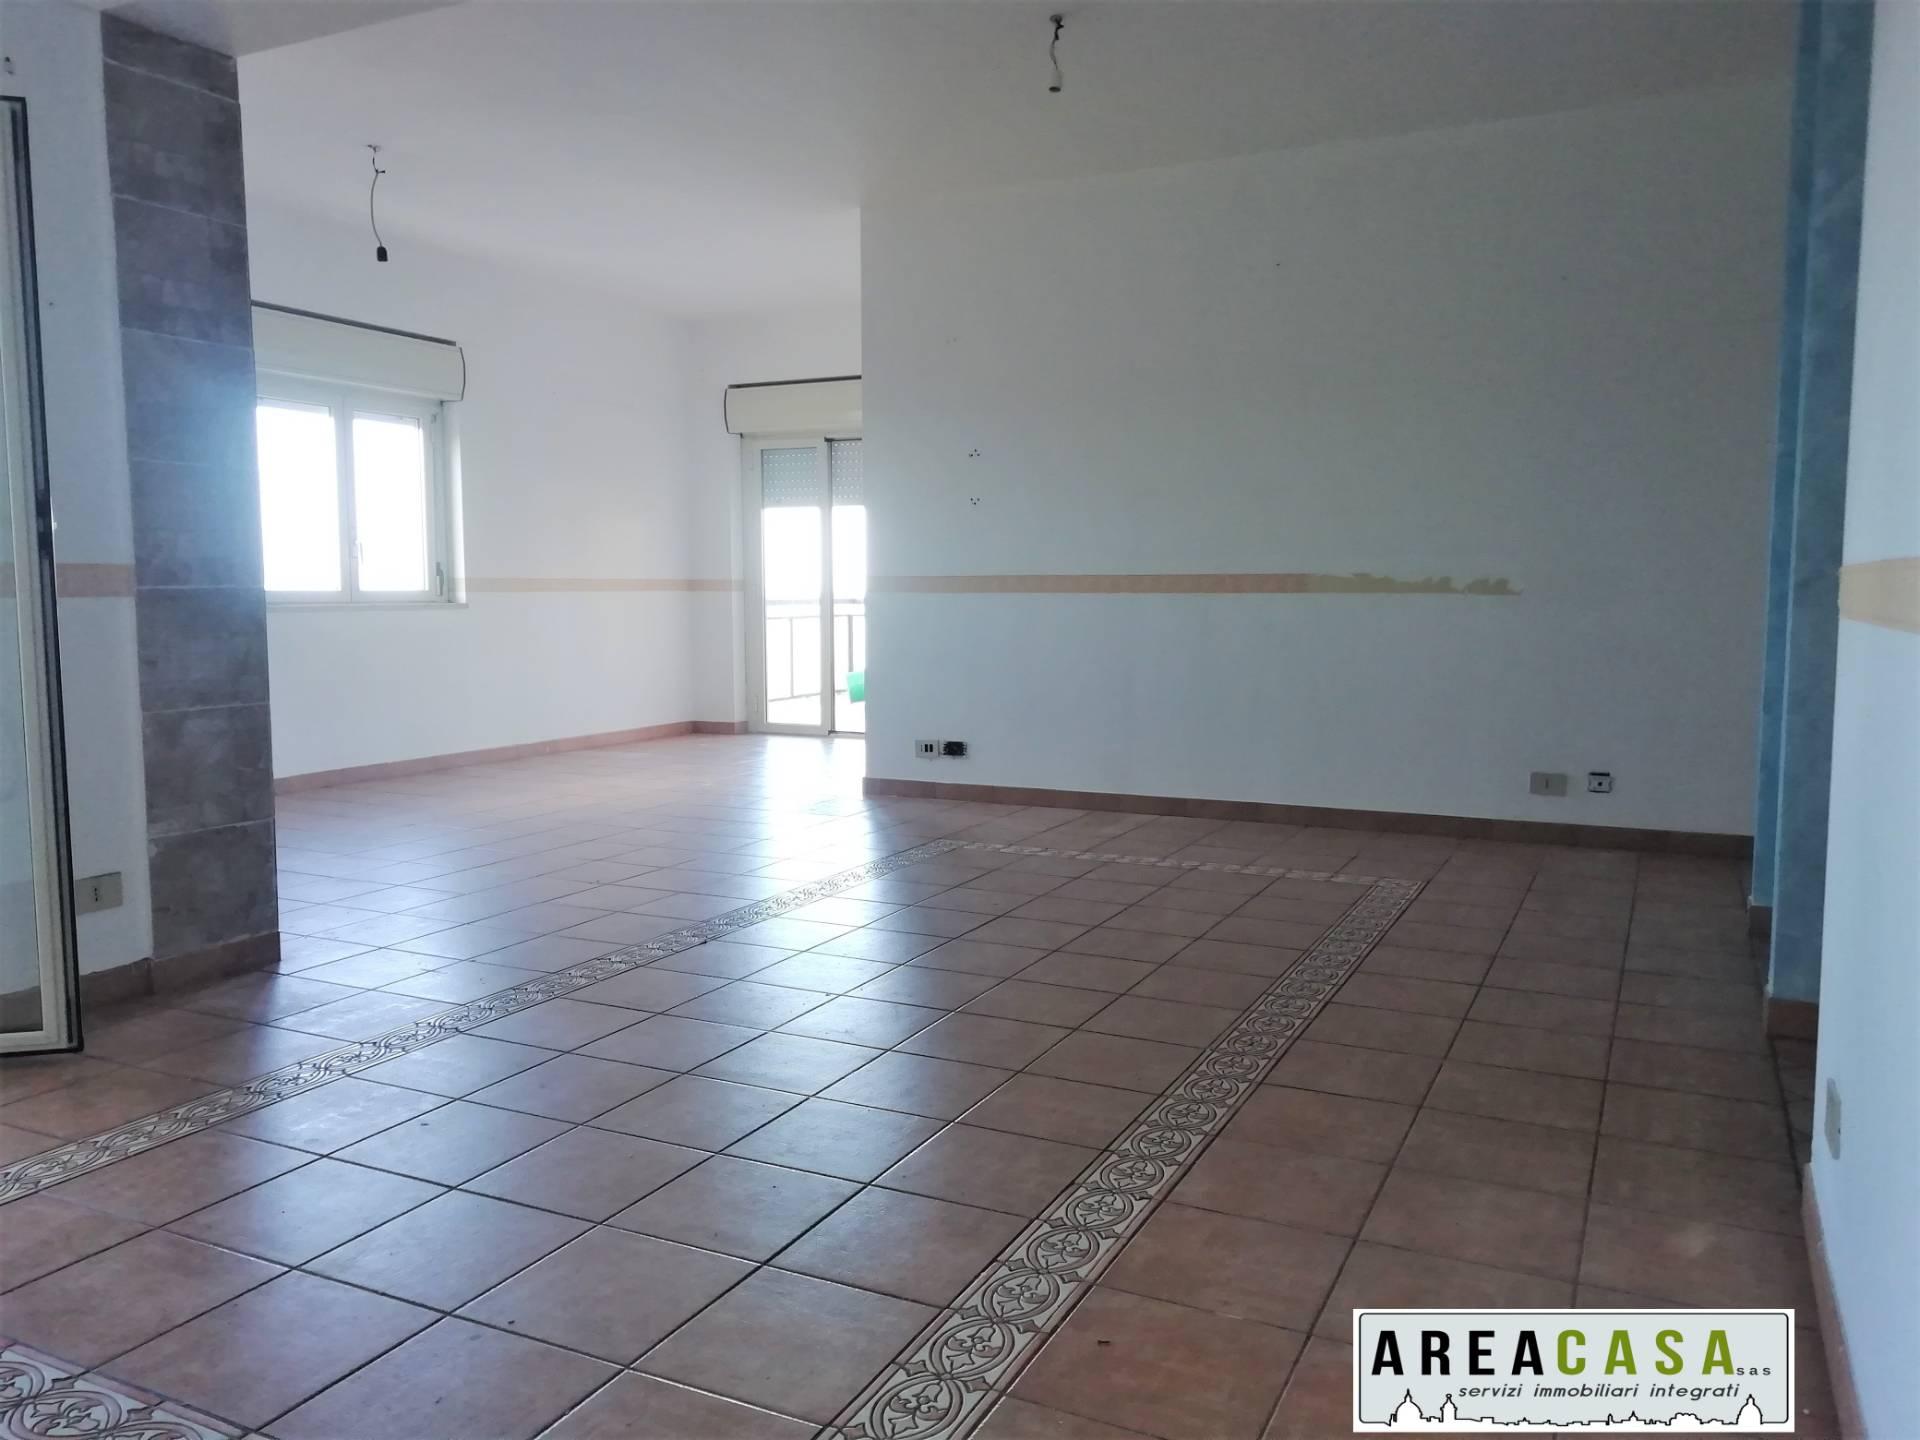 Appartamento in vendita a Capaci, 3 locali, prezzo € 130.000 | PortaleAgenzieImmobiliari.it